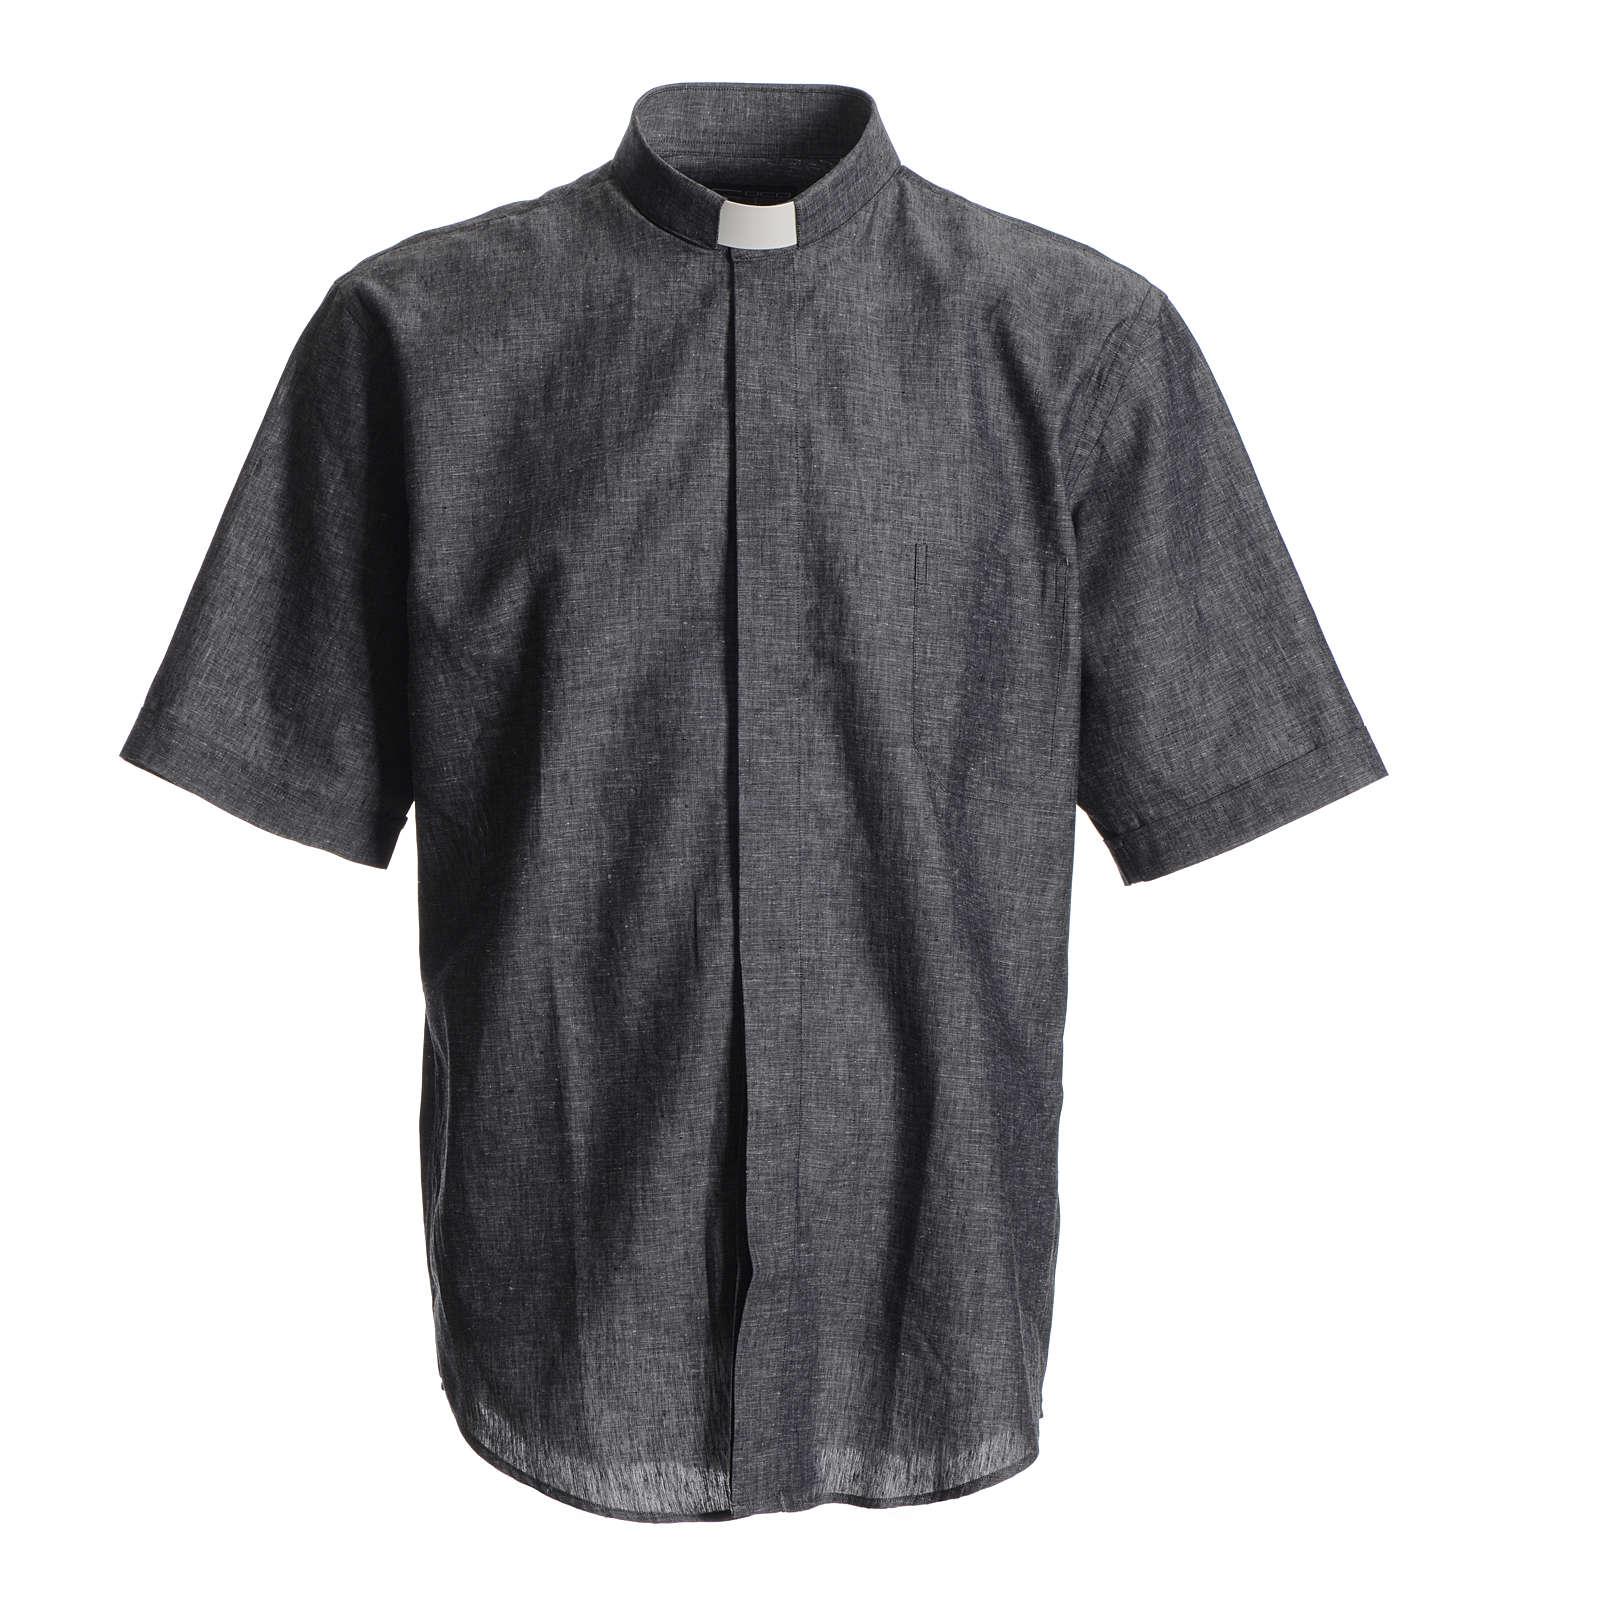 Collarhemd aus Leinen-Baumwoll-Mischgewebe in der Farbe Grau 4